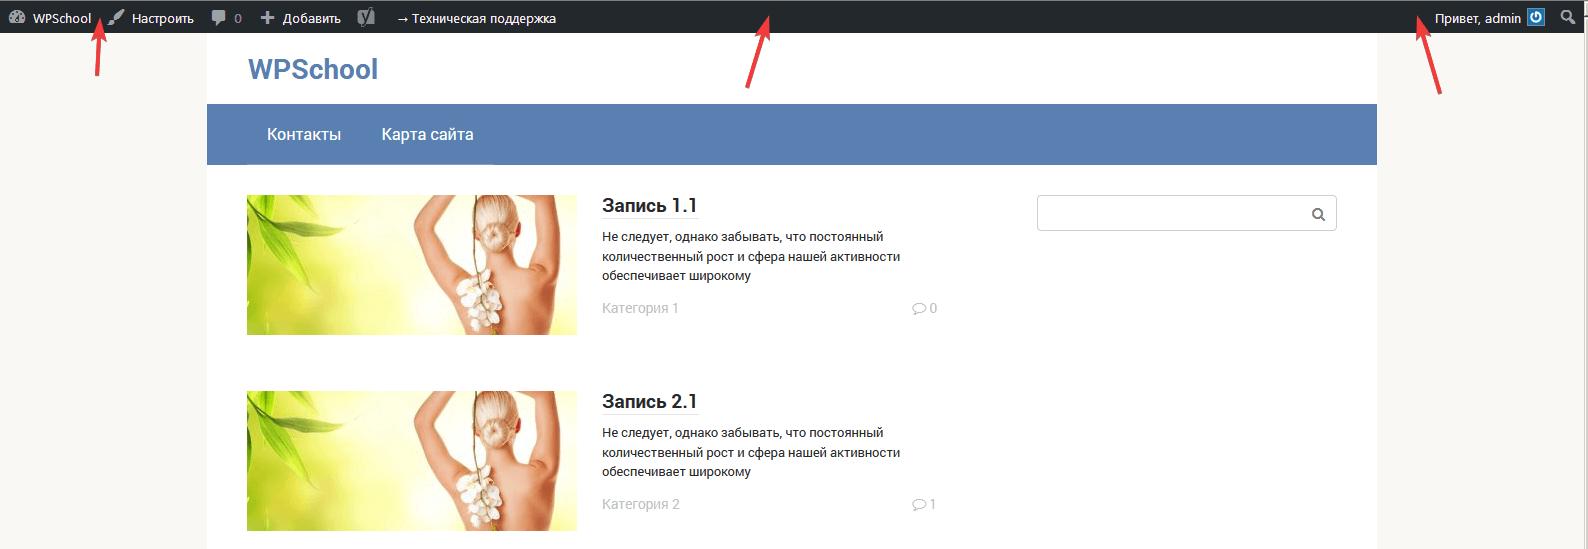 Админ-бар в пользовательской части сайта